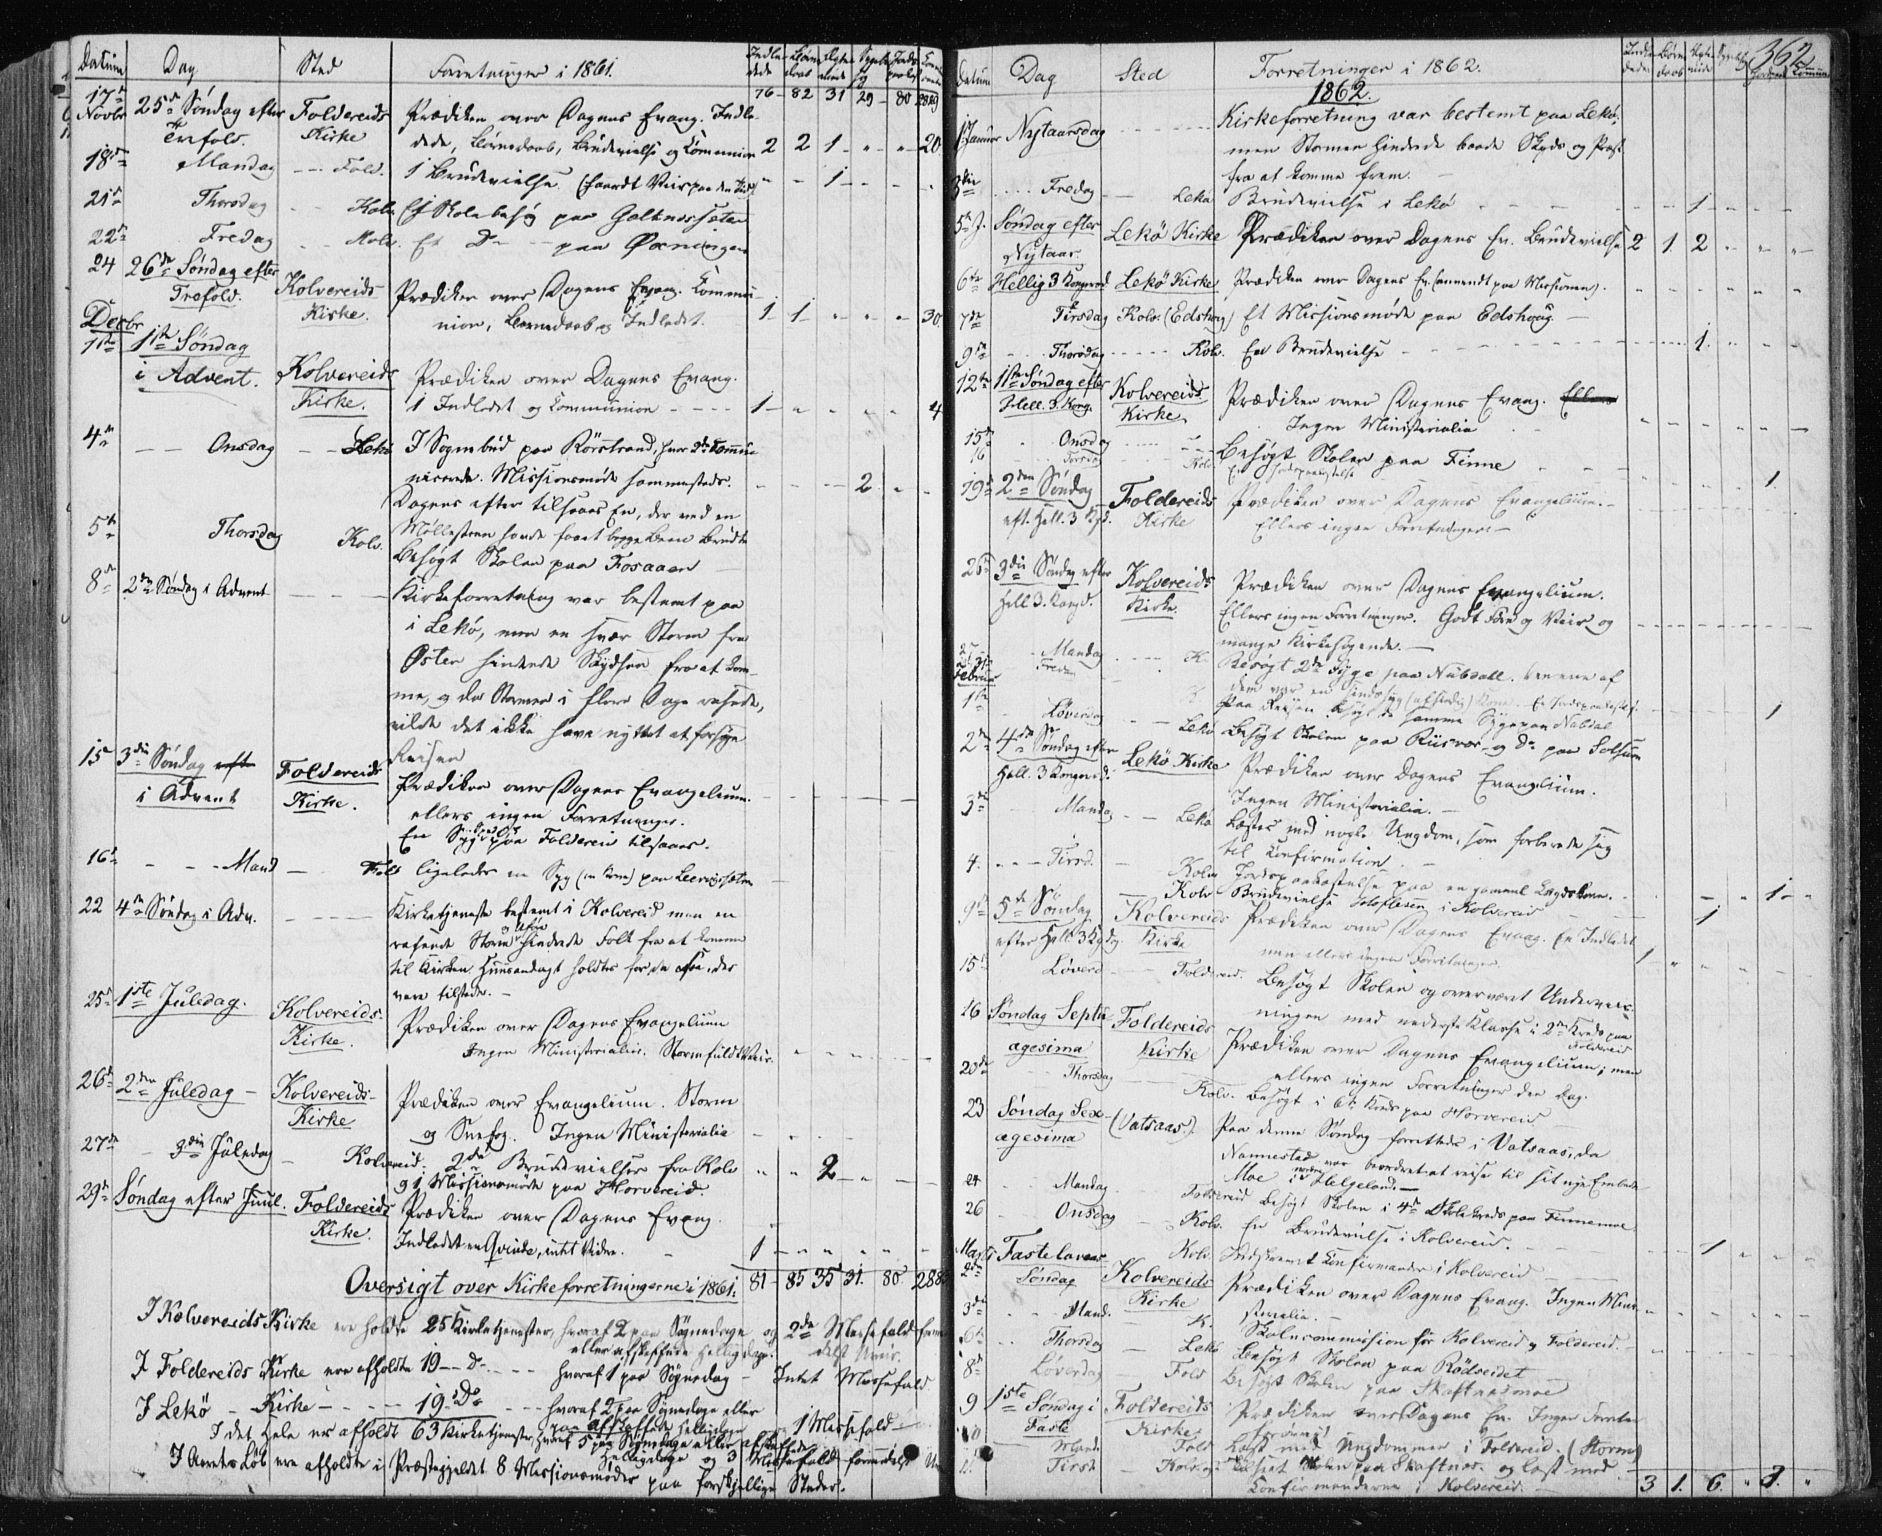 SAT, Ministerialprotokoller, klokkerbøker og fødselsregistre - Nord-Trøndelag, 780/L0641: Ministerialbok nr. 780A06, 1857-1874, s. 362